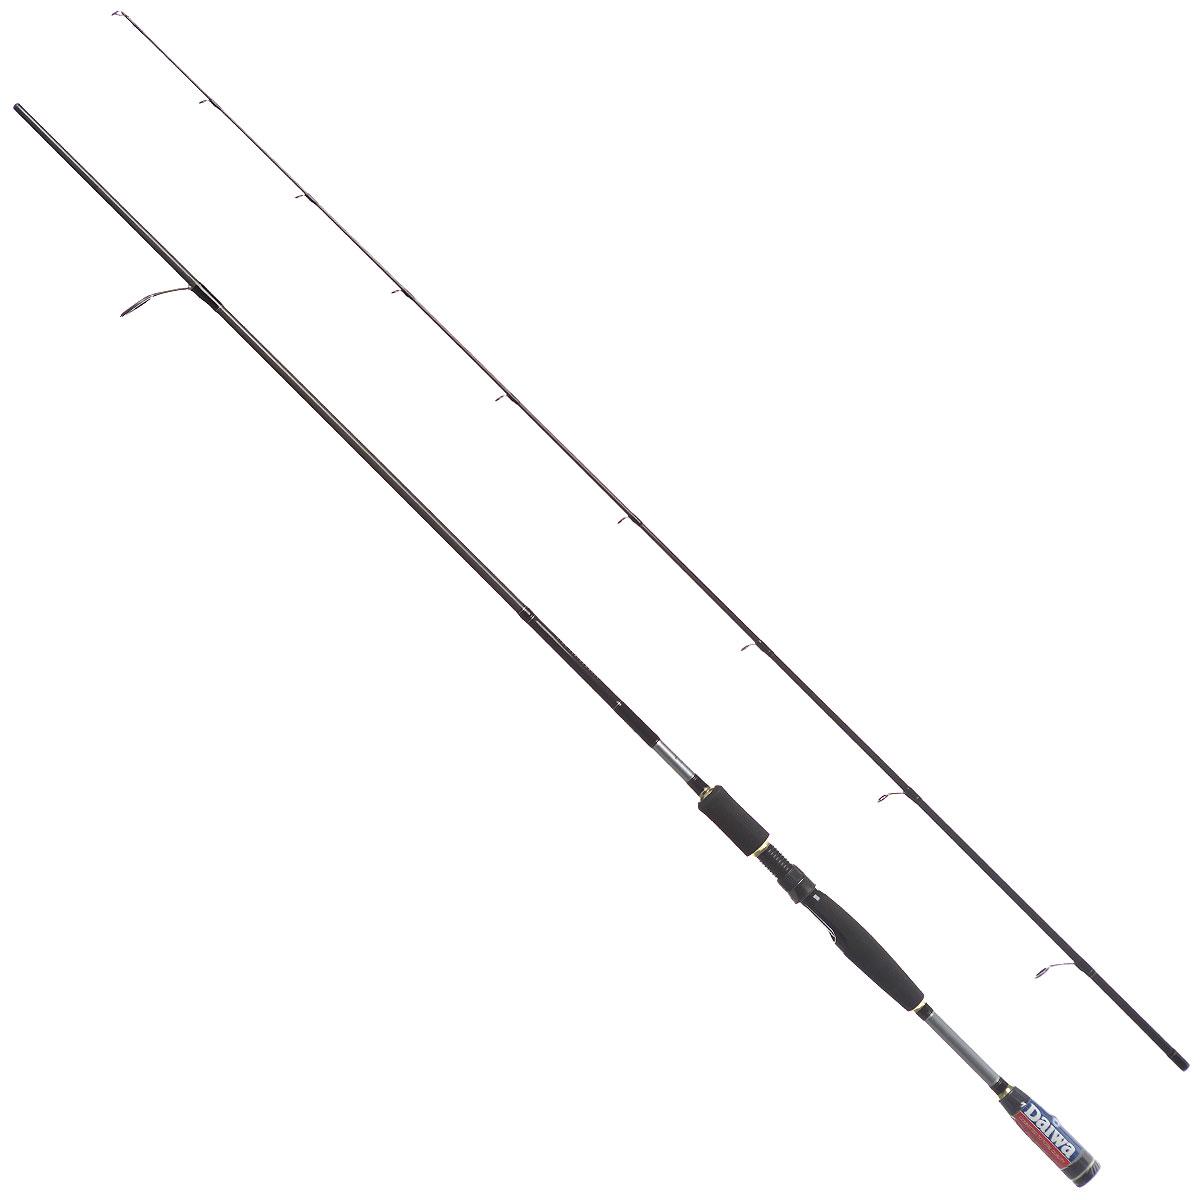 Удилище спиннинговое Daiwa Exceler, штекерное, цвет: черный, 2,44 м, 14-56 г16800Спиннинговое удилище Daiwa Exceler отличается великолепным соотношением цены и качества. Спиннинги этой серии созданы для ловли лососевых рыб. Средний строй успешно гасит сильные рывки рыбы и позволяет сделать дальний заброс. Оптимально работают с вращающимися и колеблющимися блеснами, воблерами при прямой проводке. Тест: 14-56 г Бланки из высокомодульного графита Пропускные кольца со вставками SiC Рукоятка из долговечного материала EVA Усиленное графитовой спиралью нижнее колено